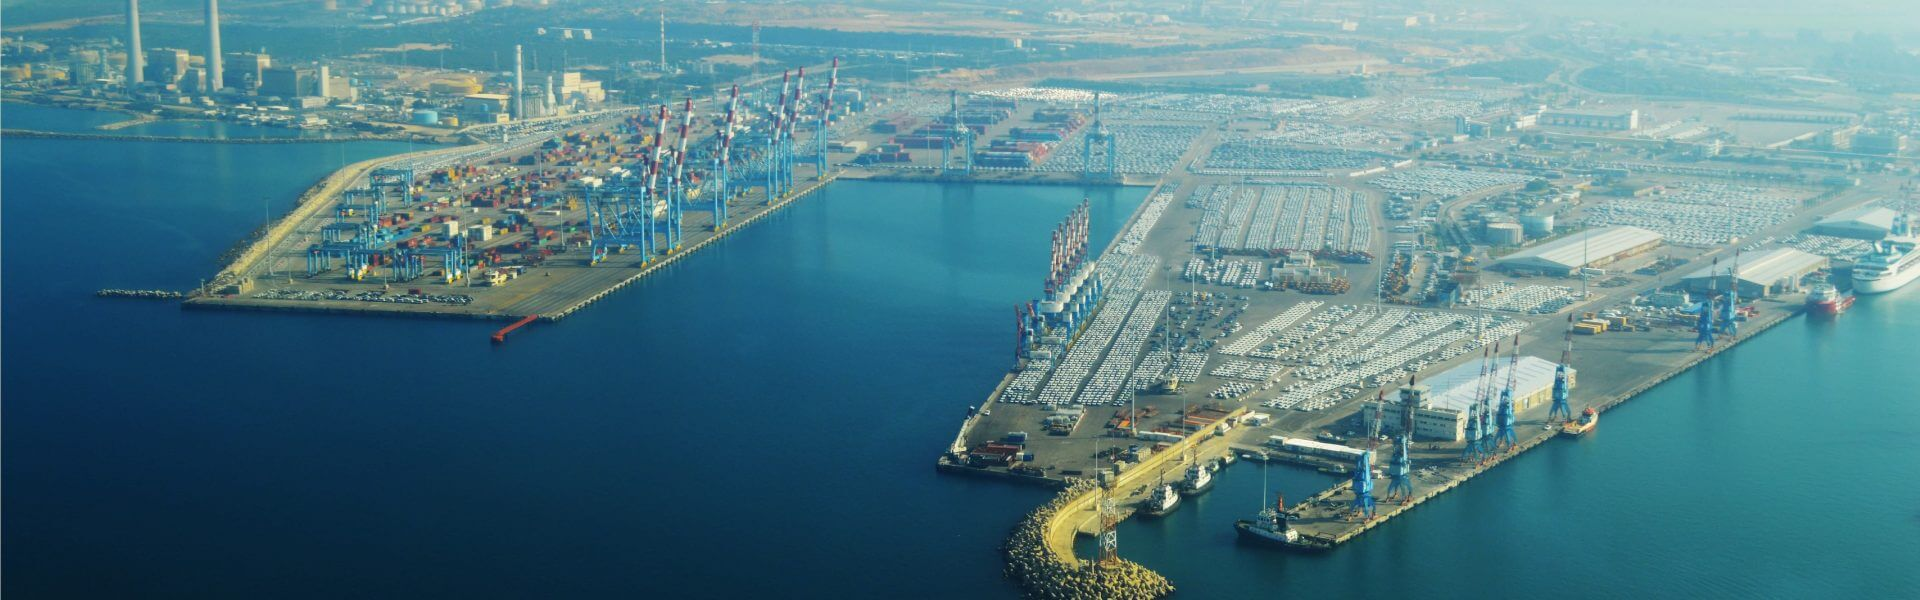 נמל אשדוד, באדיבות ויקימדיה, צילום: עמוס מרון